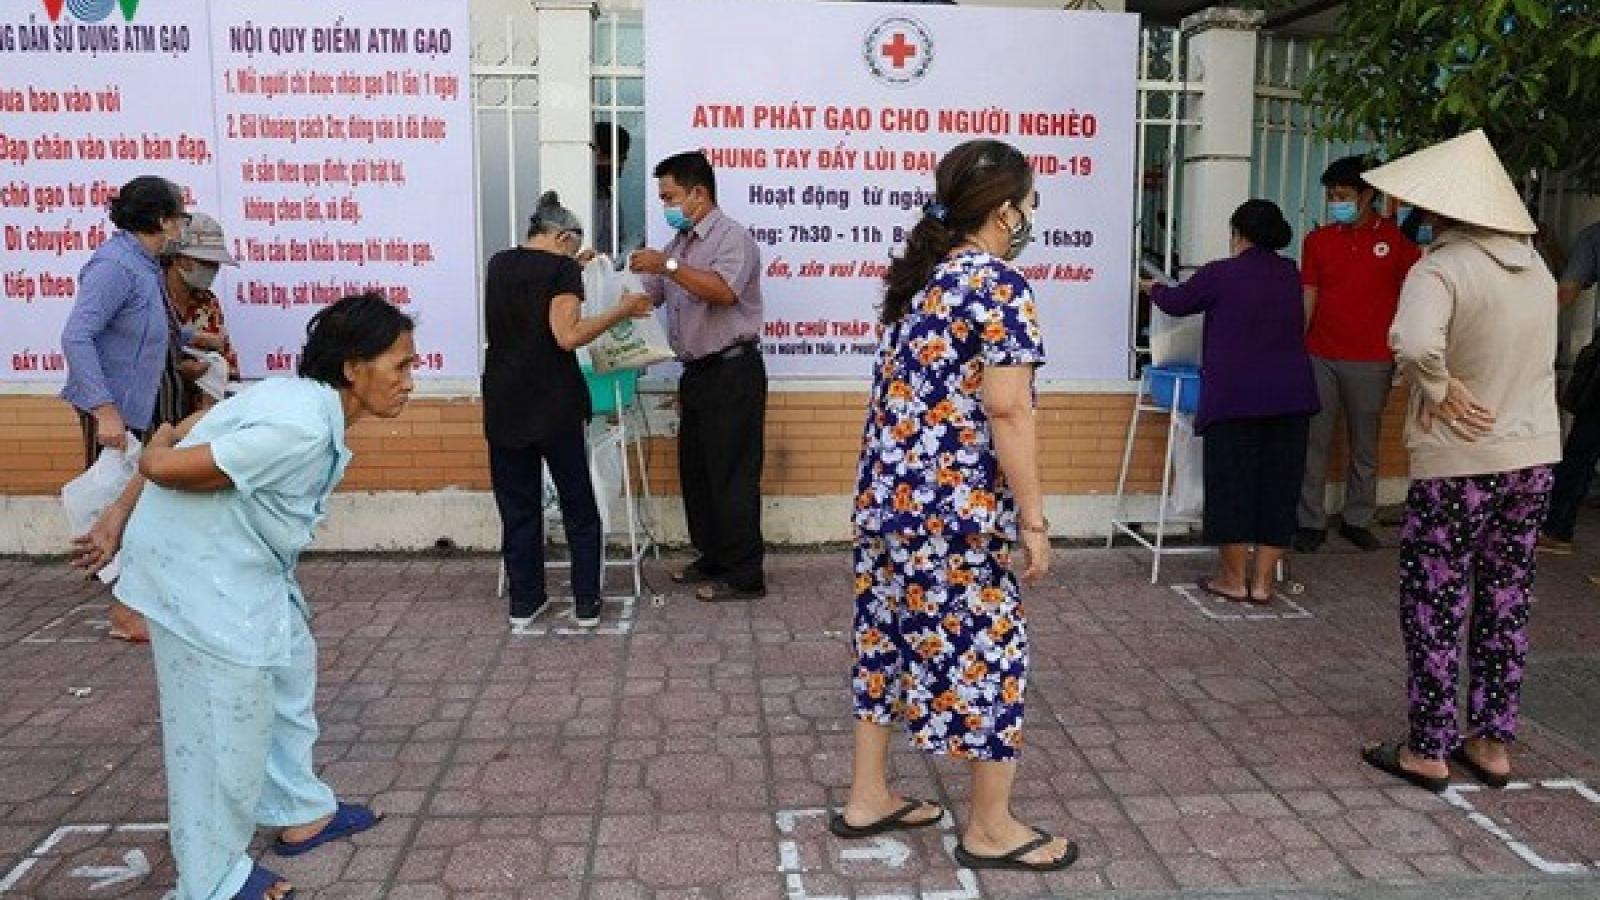 """""""ATM"""" tại Khánh Hòa vừa hoạt động đã phải tạm dừng, chuyển địa điểm"""